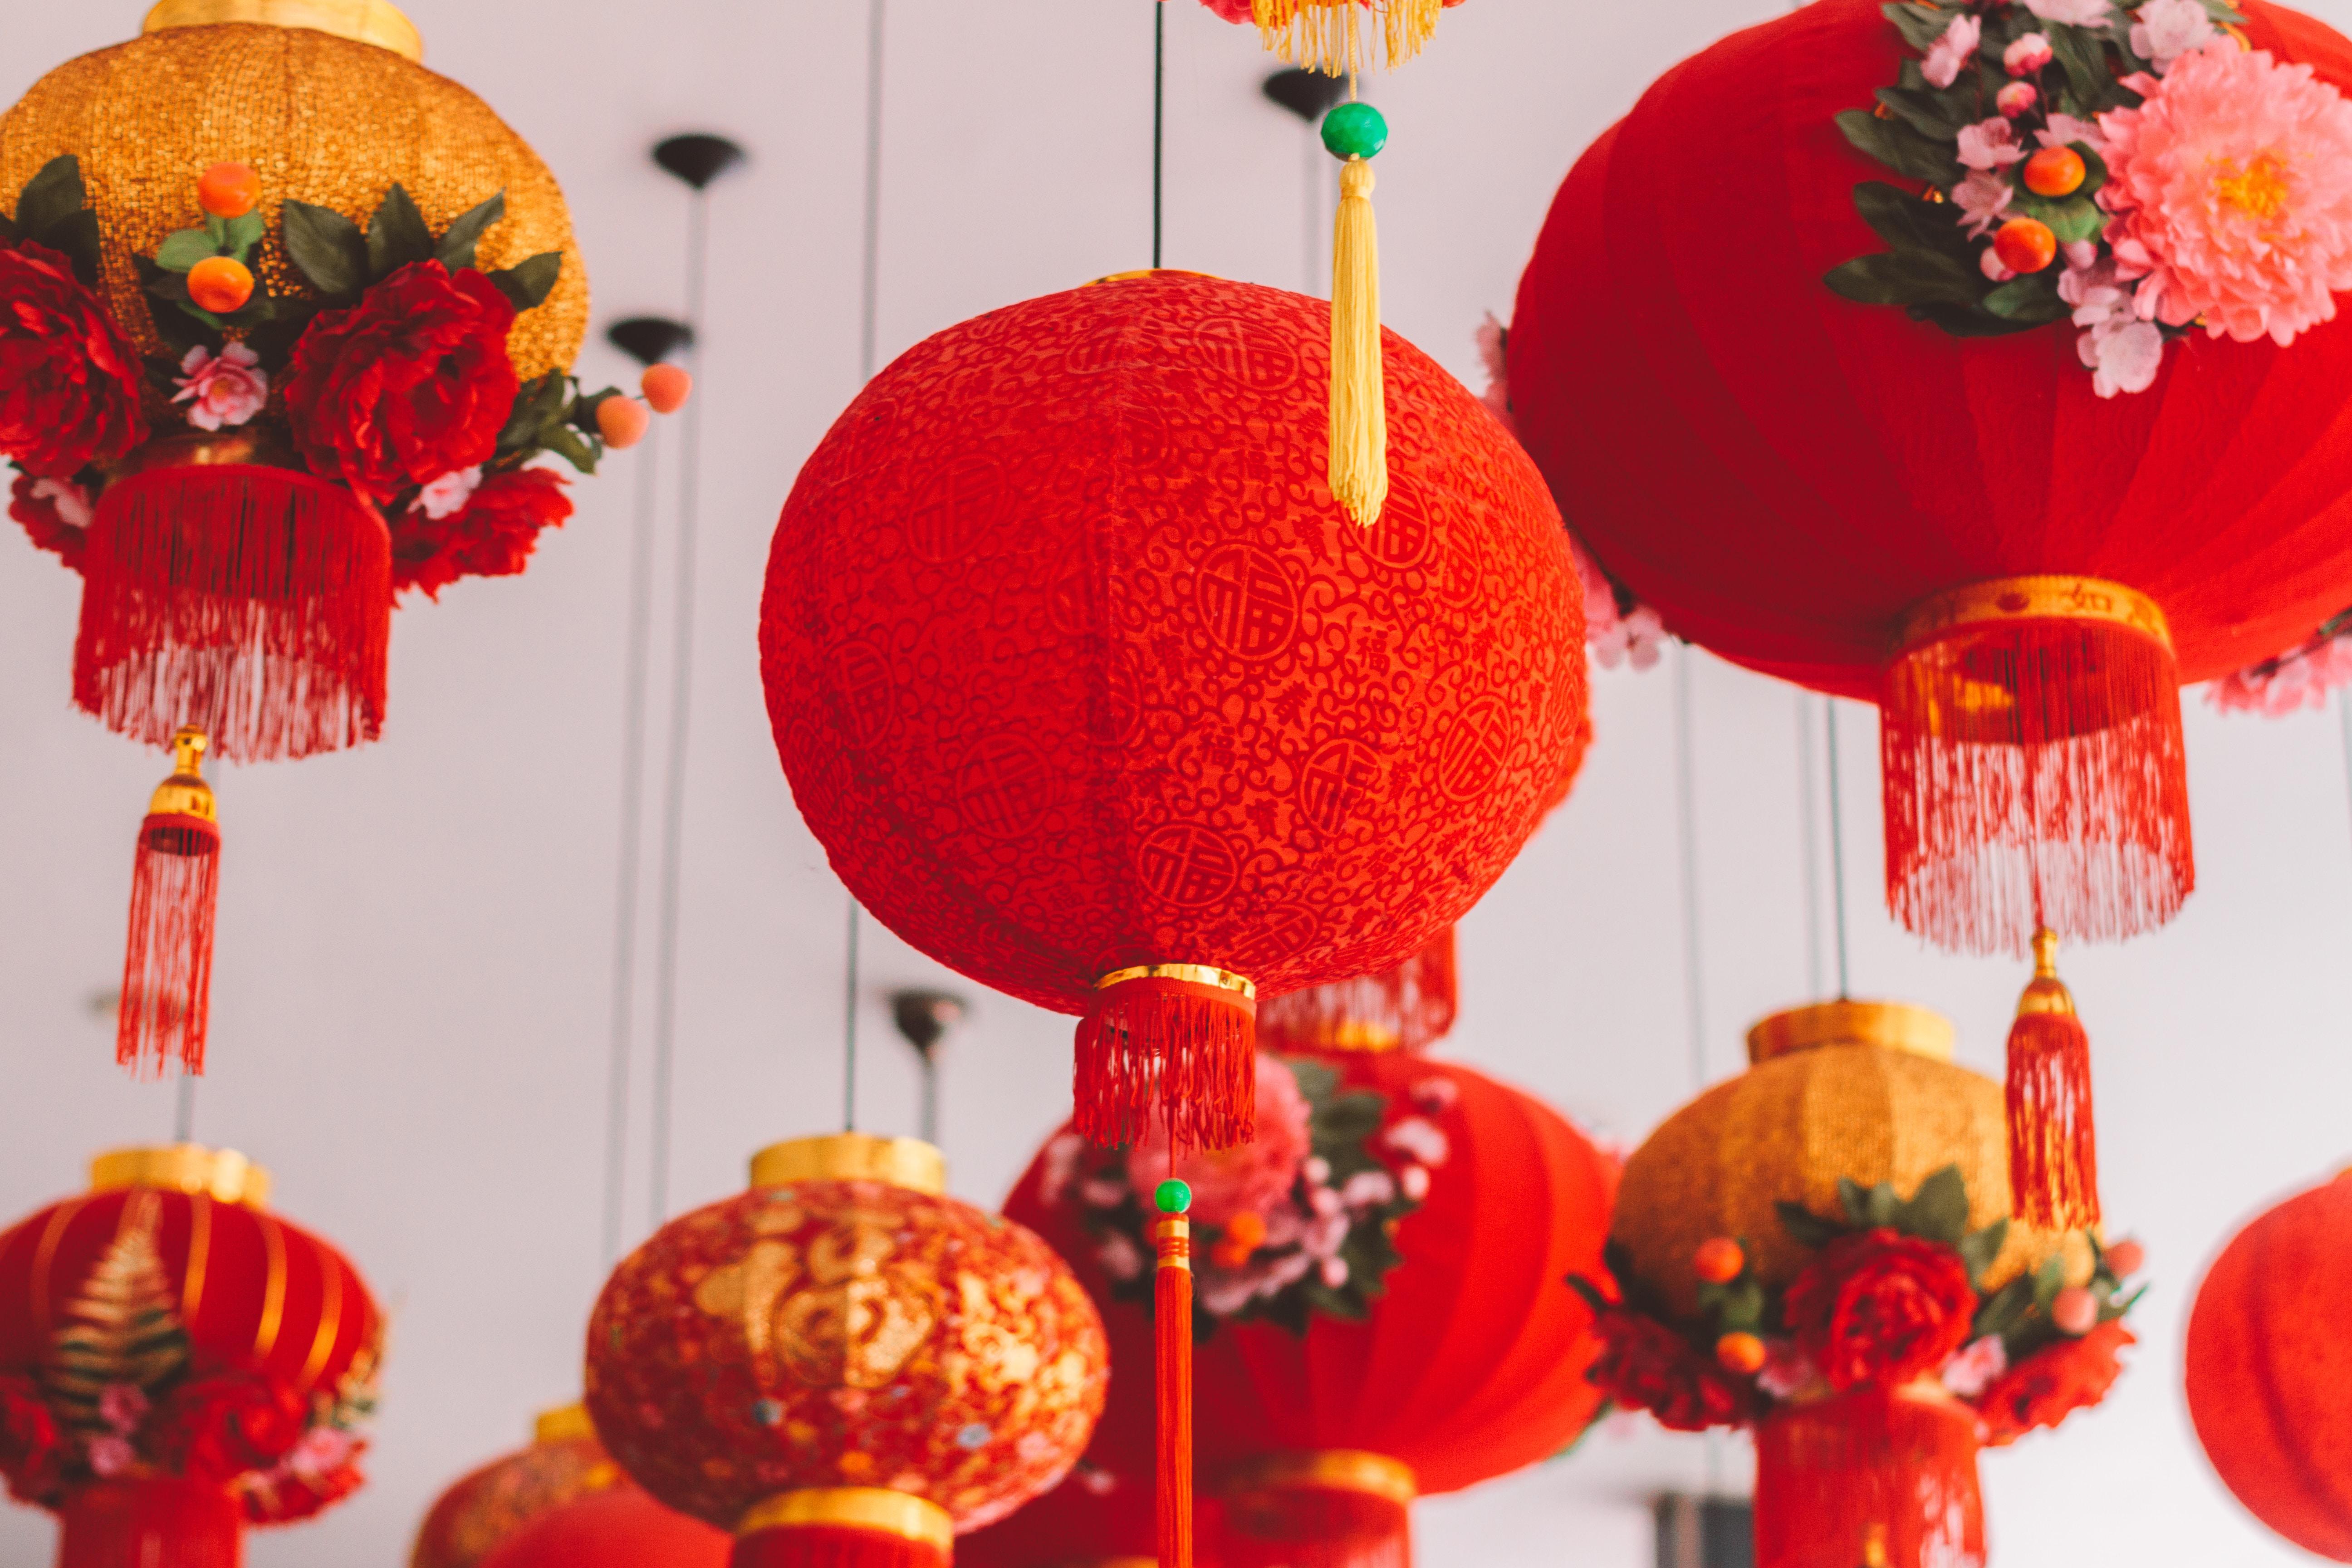 hanged red ball lantern